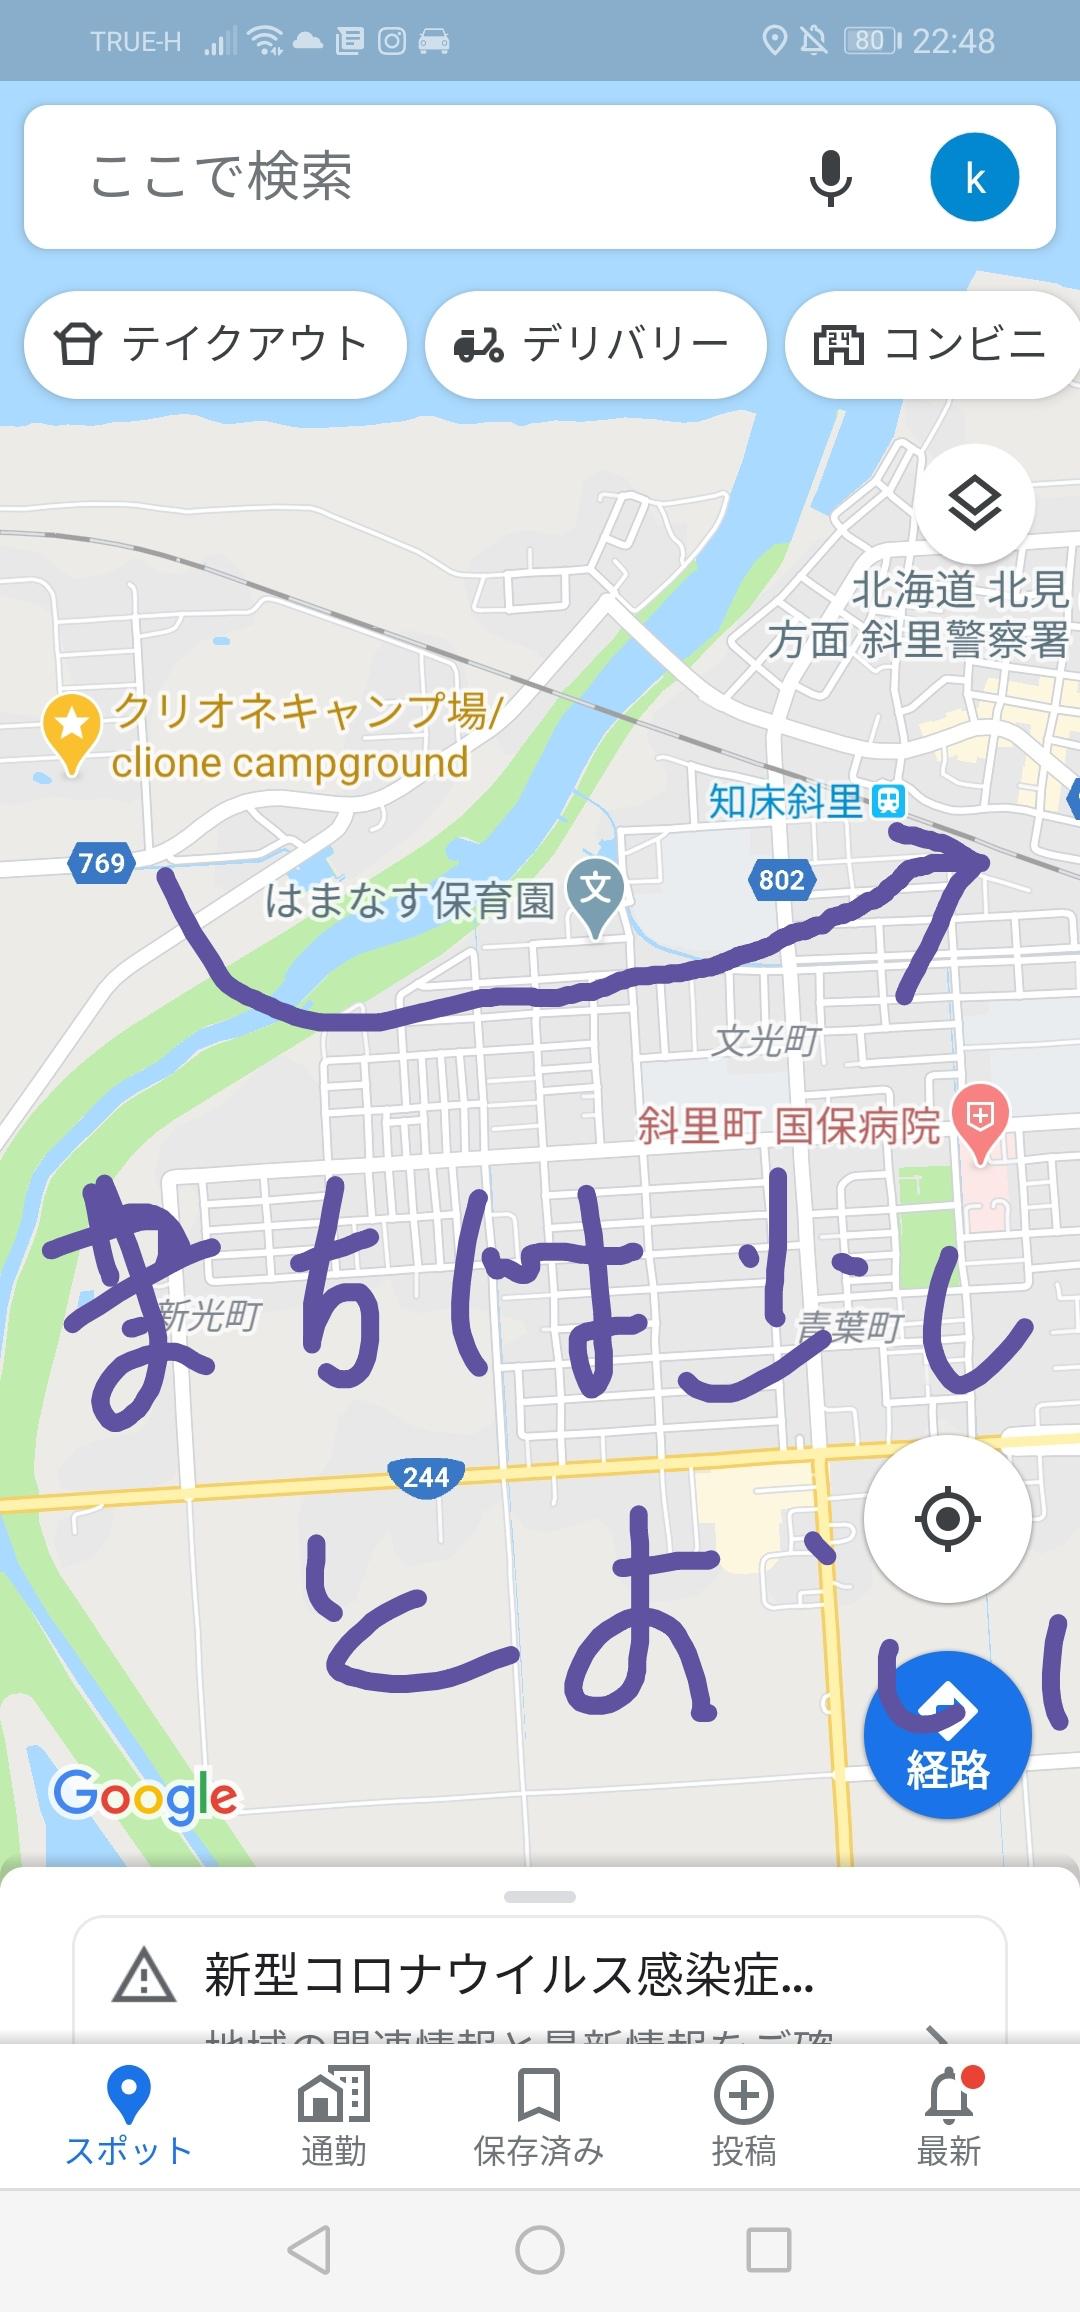 斜里,クリオネ,キャンプ場,知床,北海道,自転車旅,セイコーマート,ライダーハウス